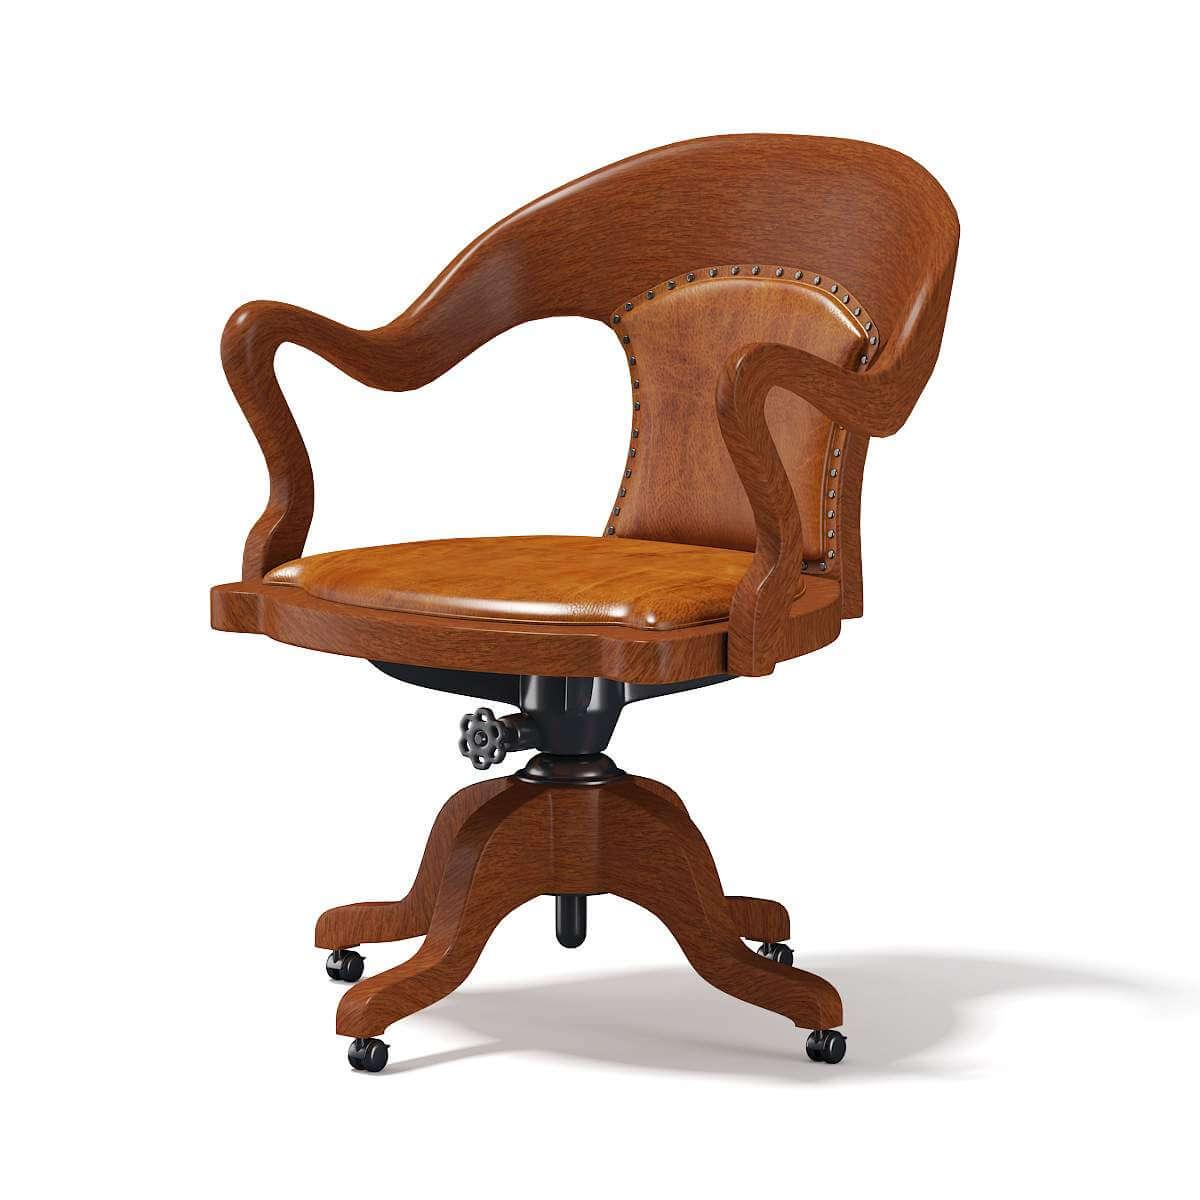 Wooden Swivel Chair 3d Model